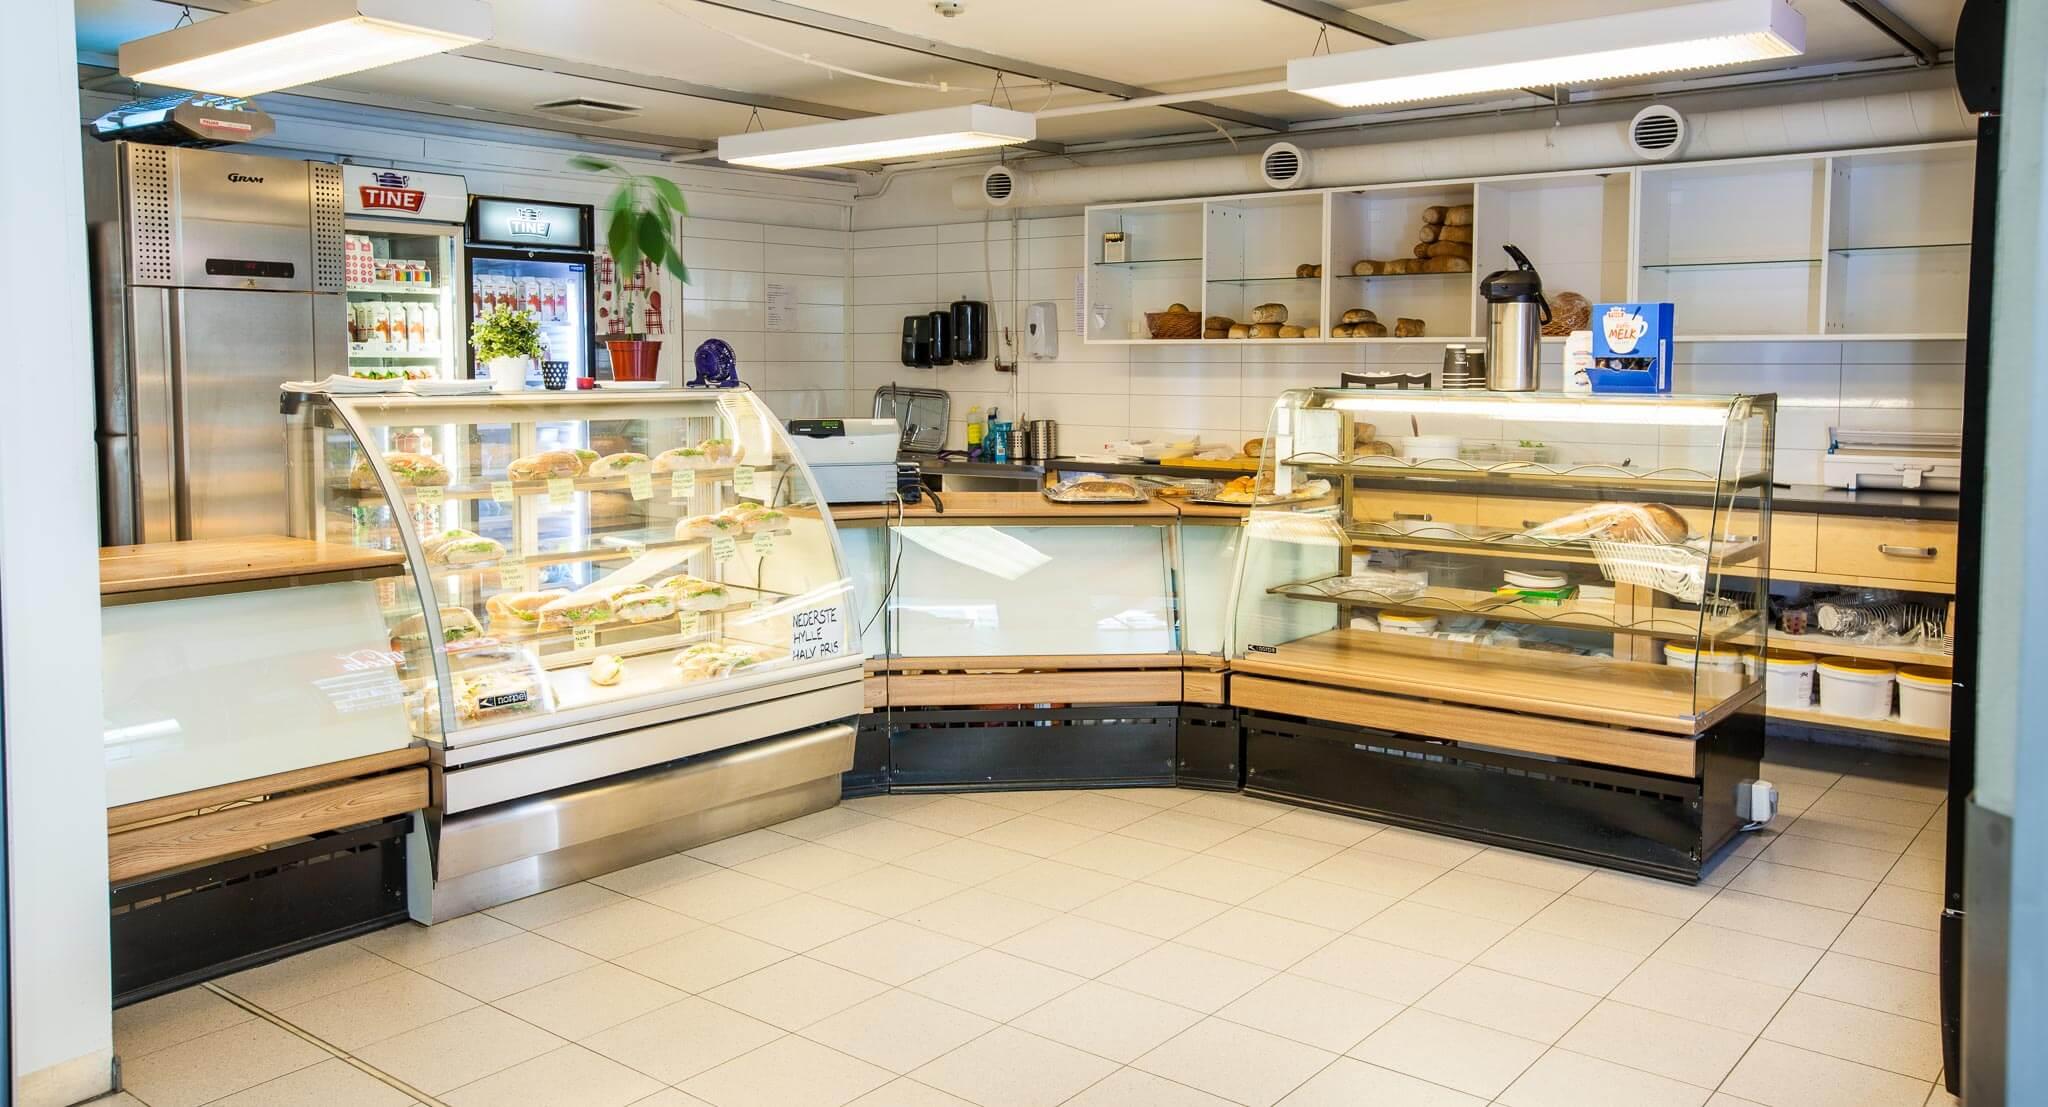 Sissels Bakeri Tvedtsenteret